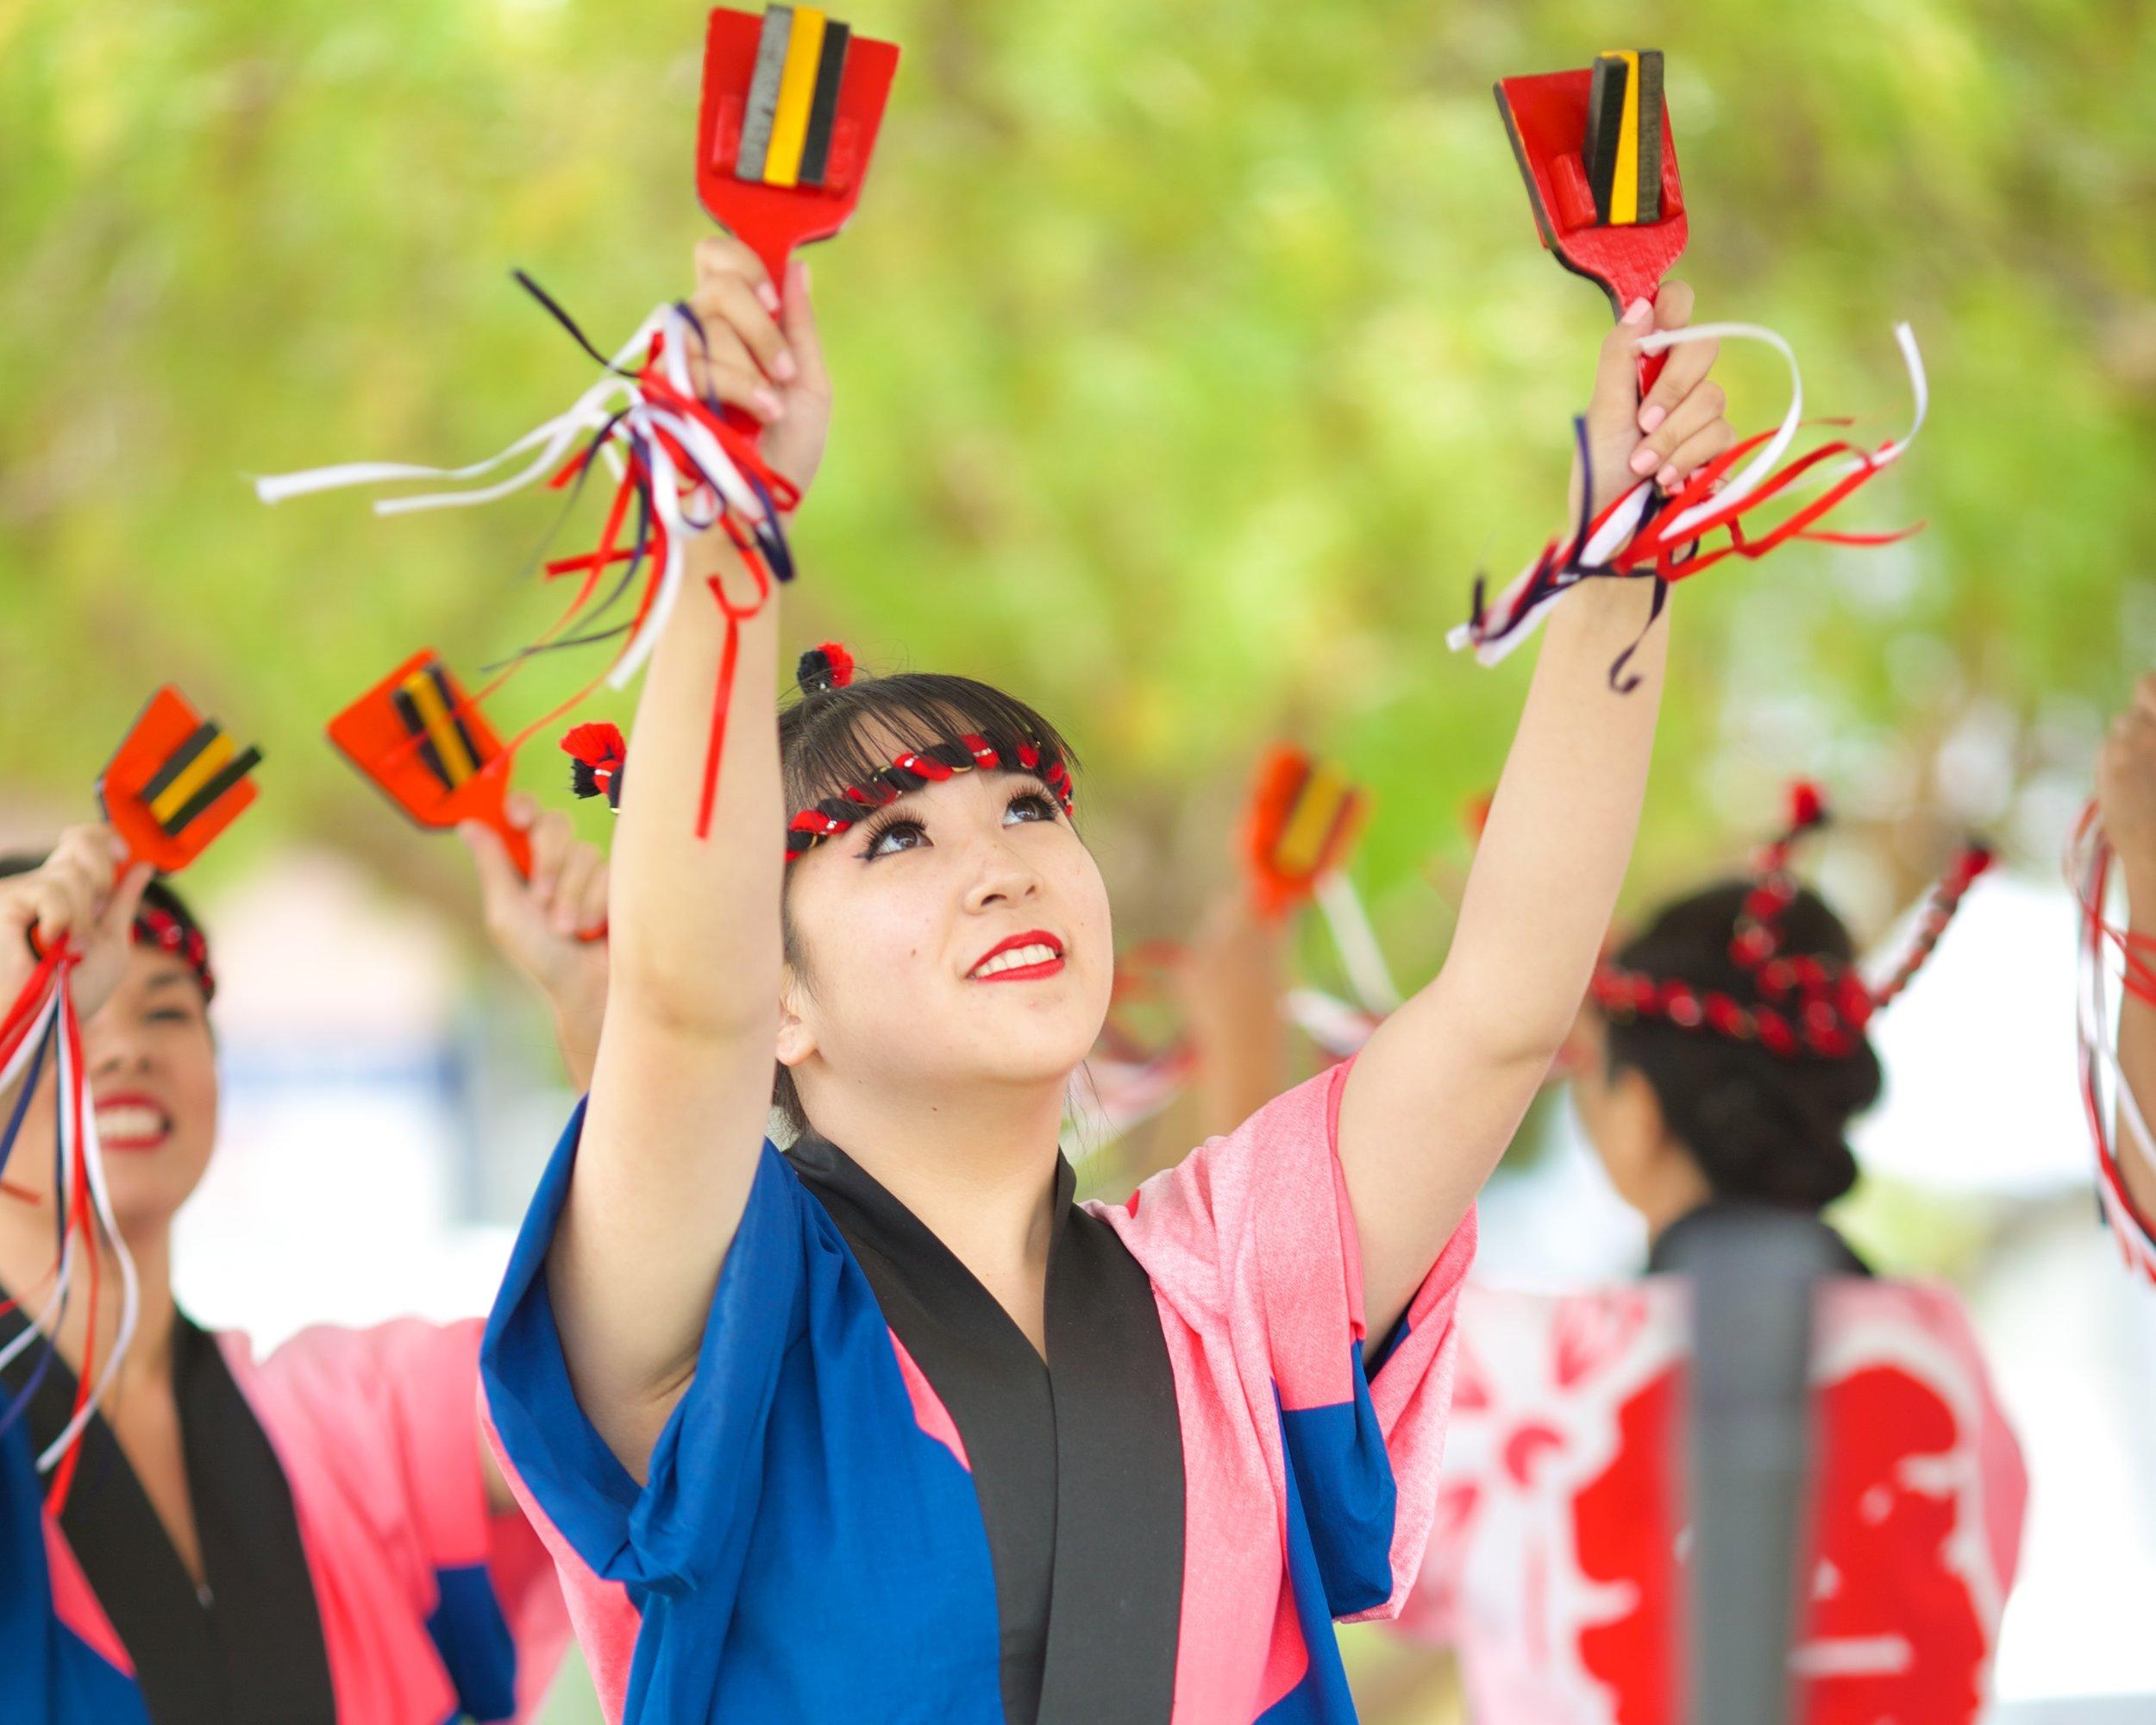 minyo-tanoshimi-kai---japanese-cultural-fair-of-santa-cruz-2015_19408745088_o.jpg